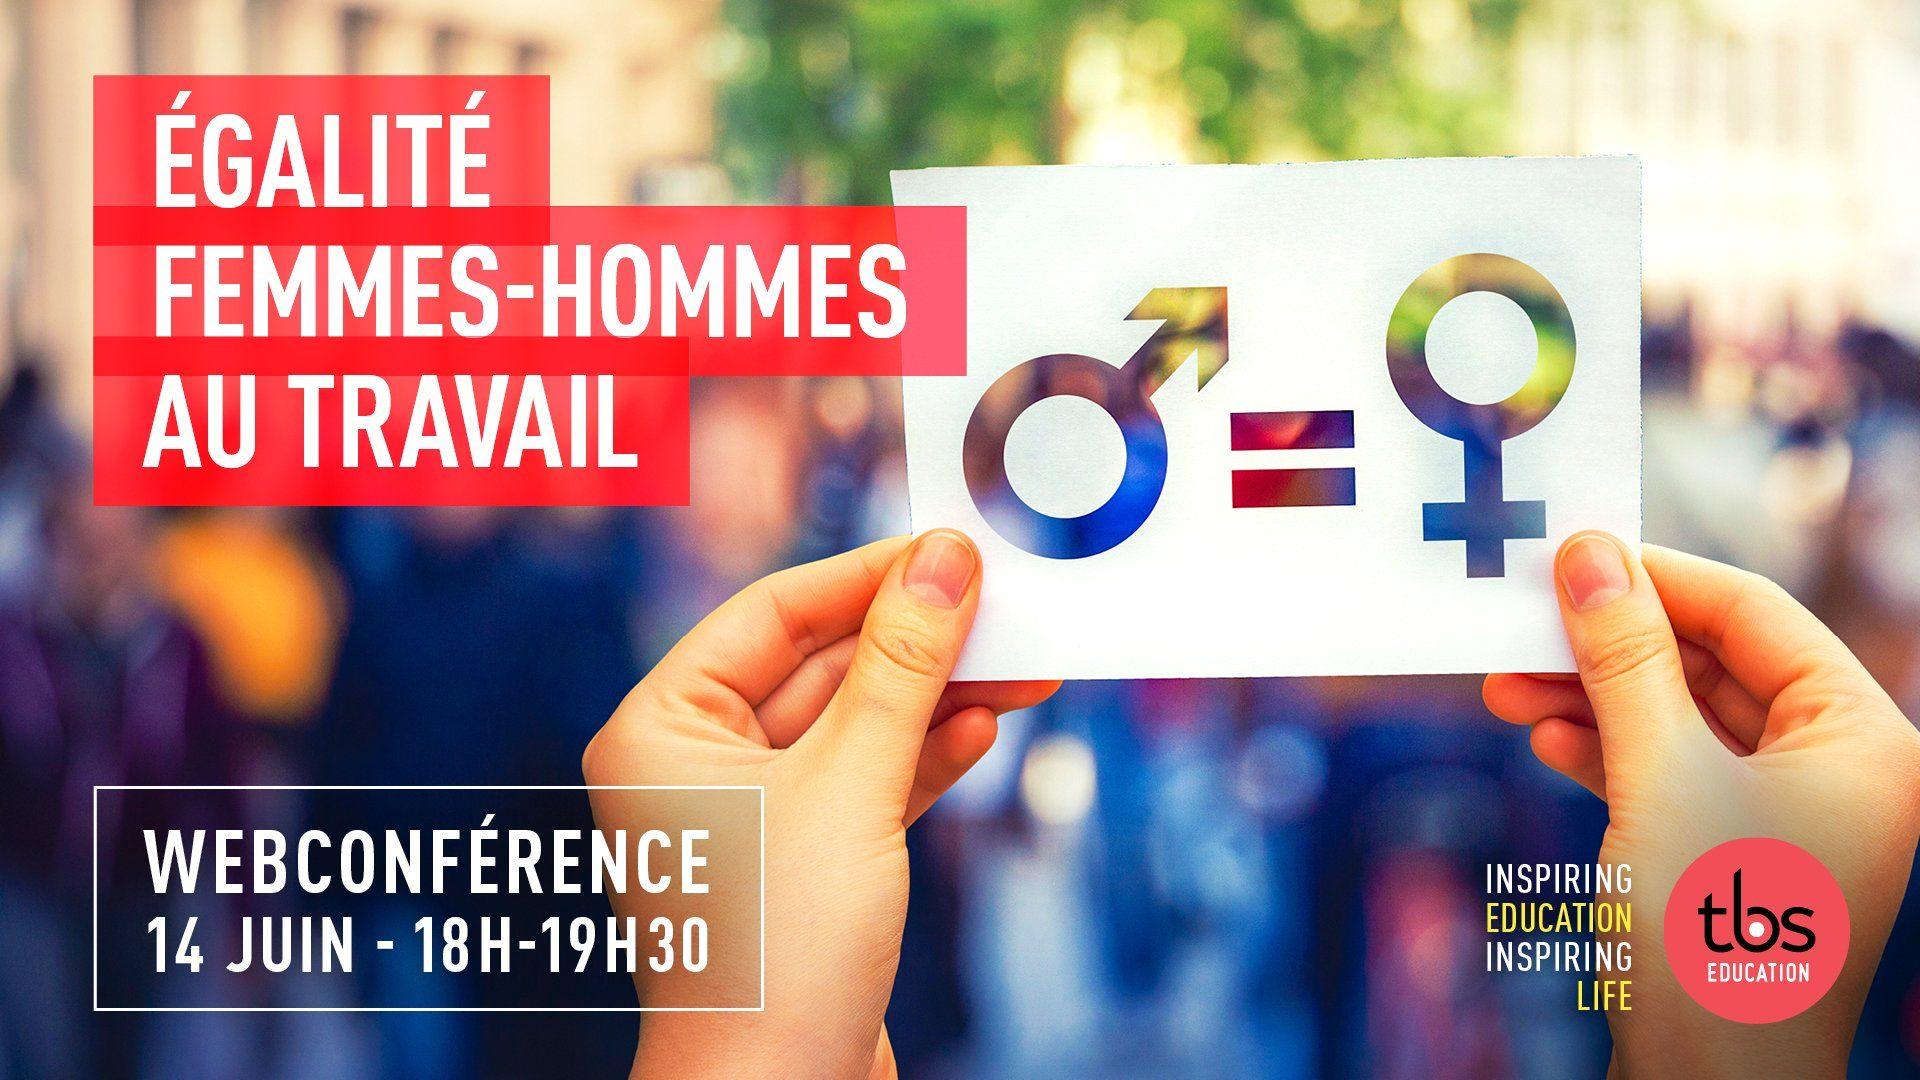 Post Égalité Femmes Hommes 1920 X 1080 V3